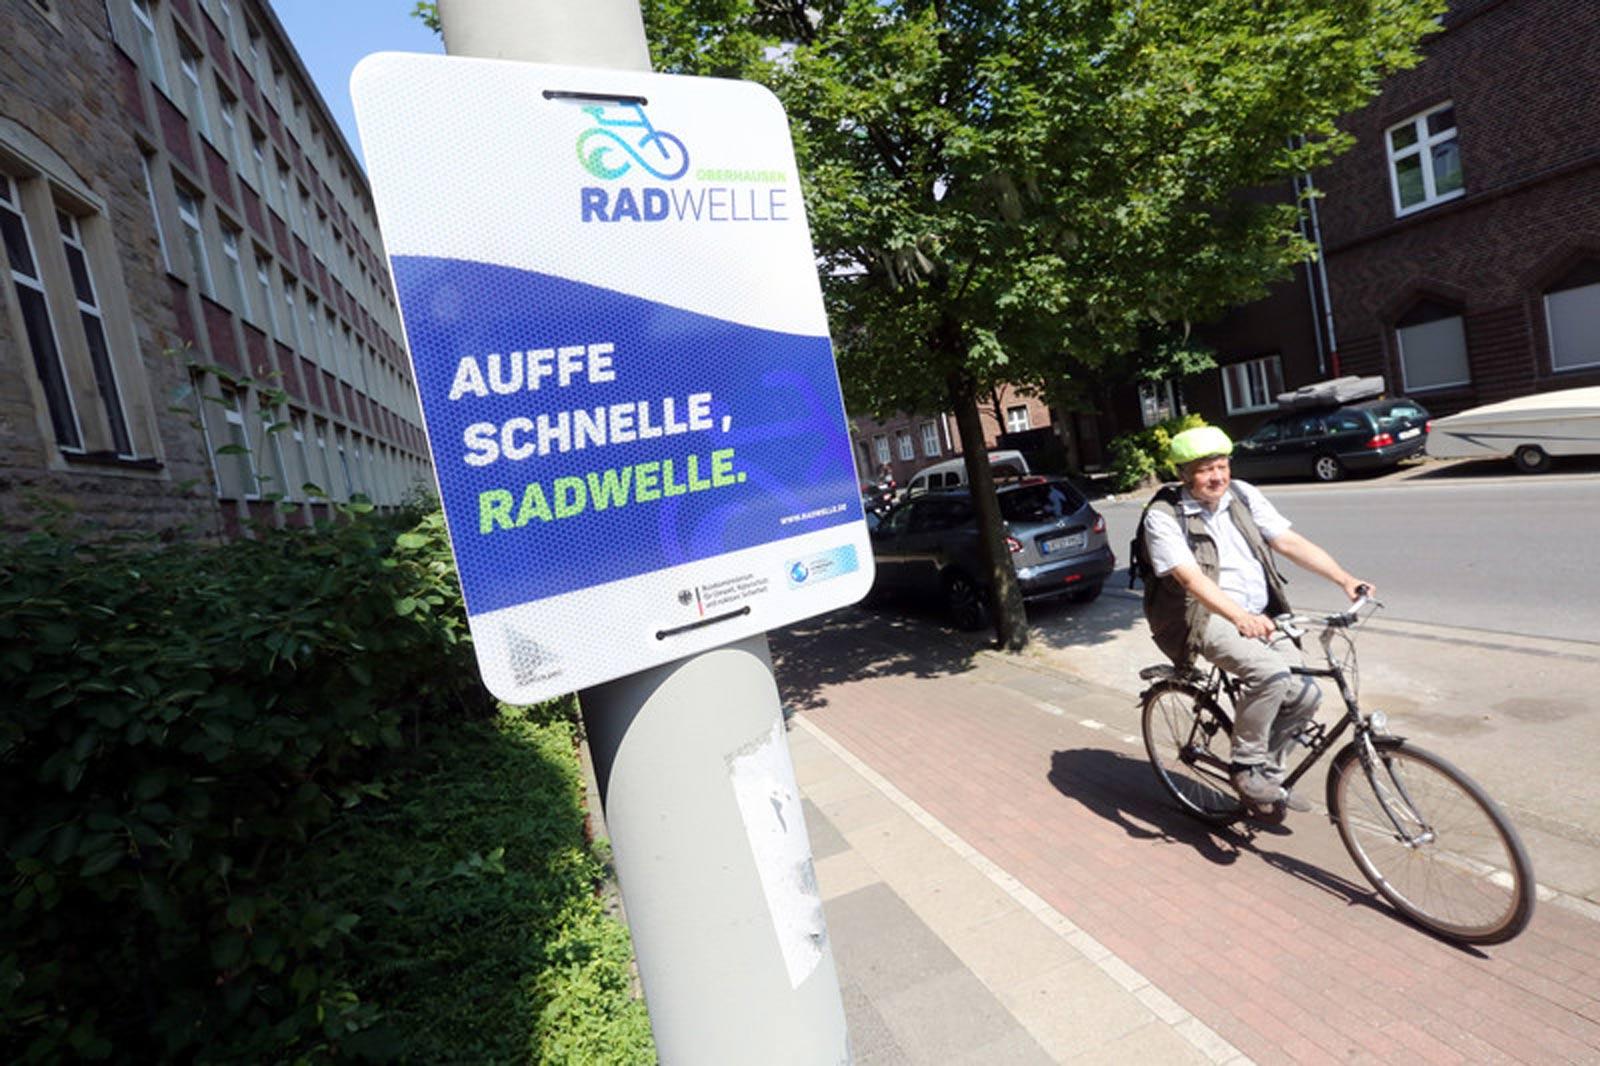 Im Vordergrund ein blau-weißes Schild der Radwelle und im Hintergrund ein Radfahrer.